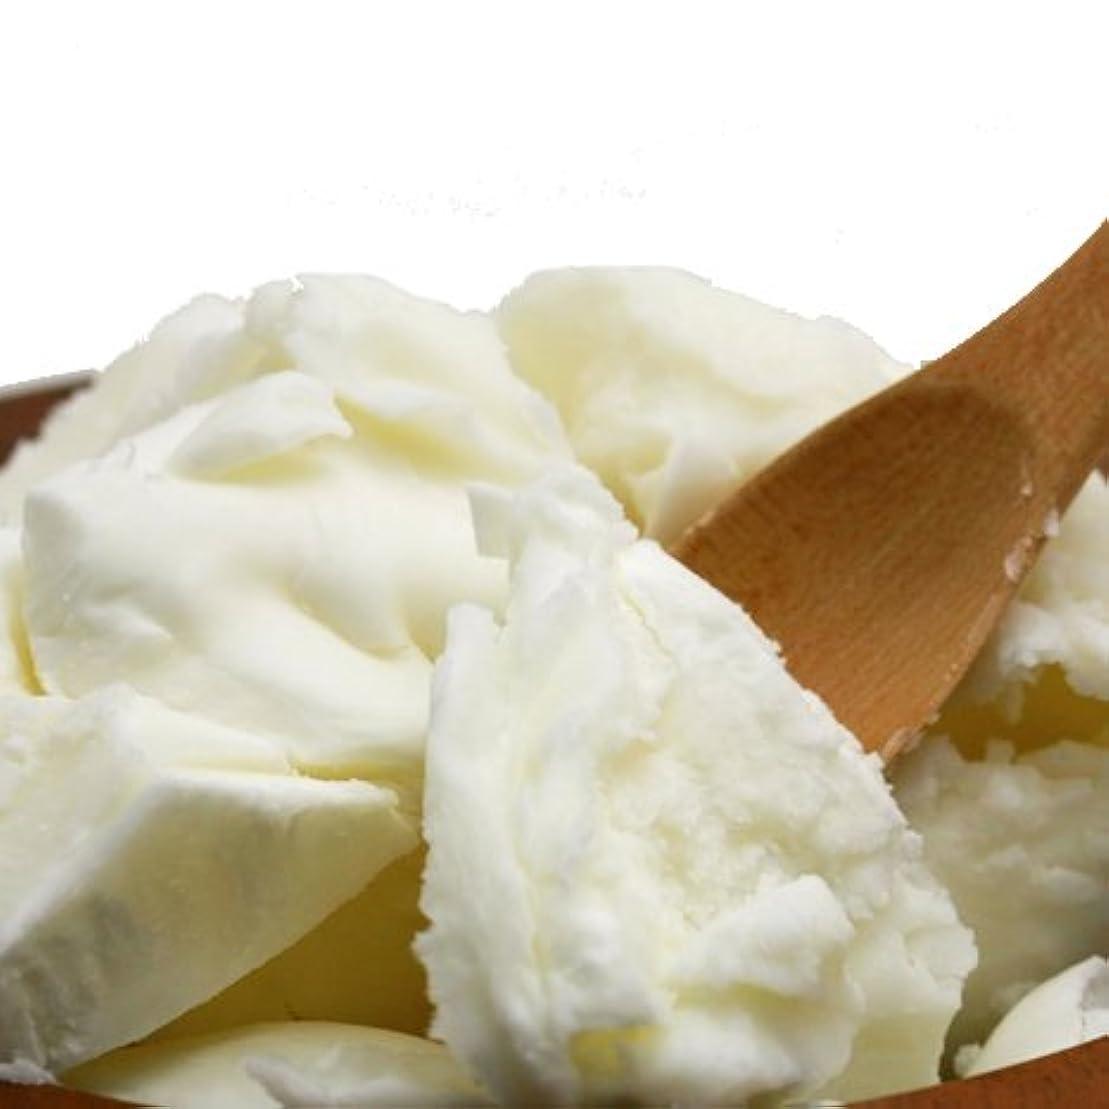 インタビュー提供正確なオーガニック 精製シアバター 50g シア脂 【手作り石鹸/手作りコスメ/手作り化粧品】